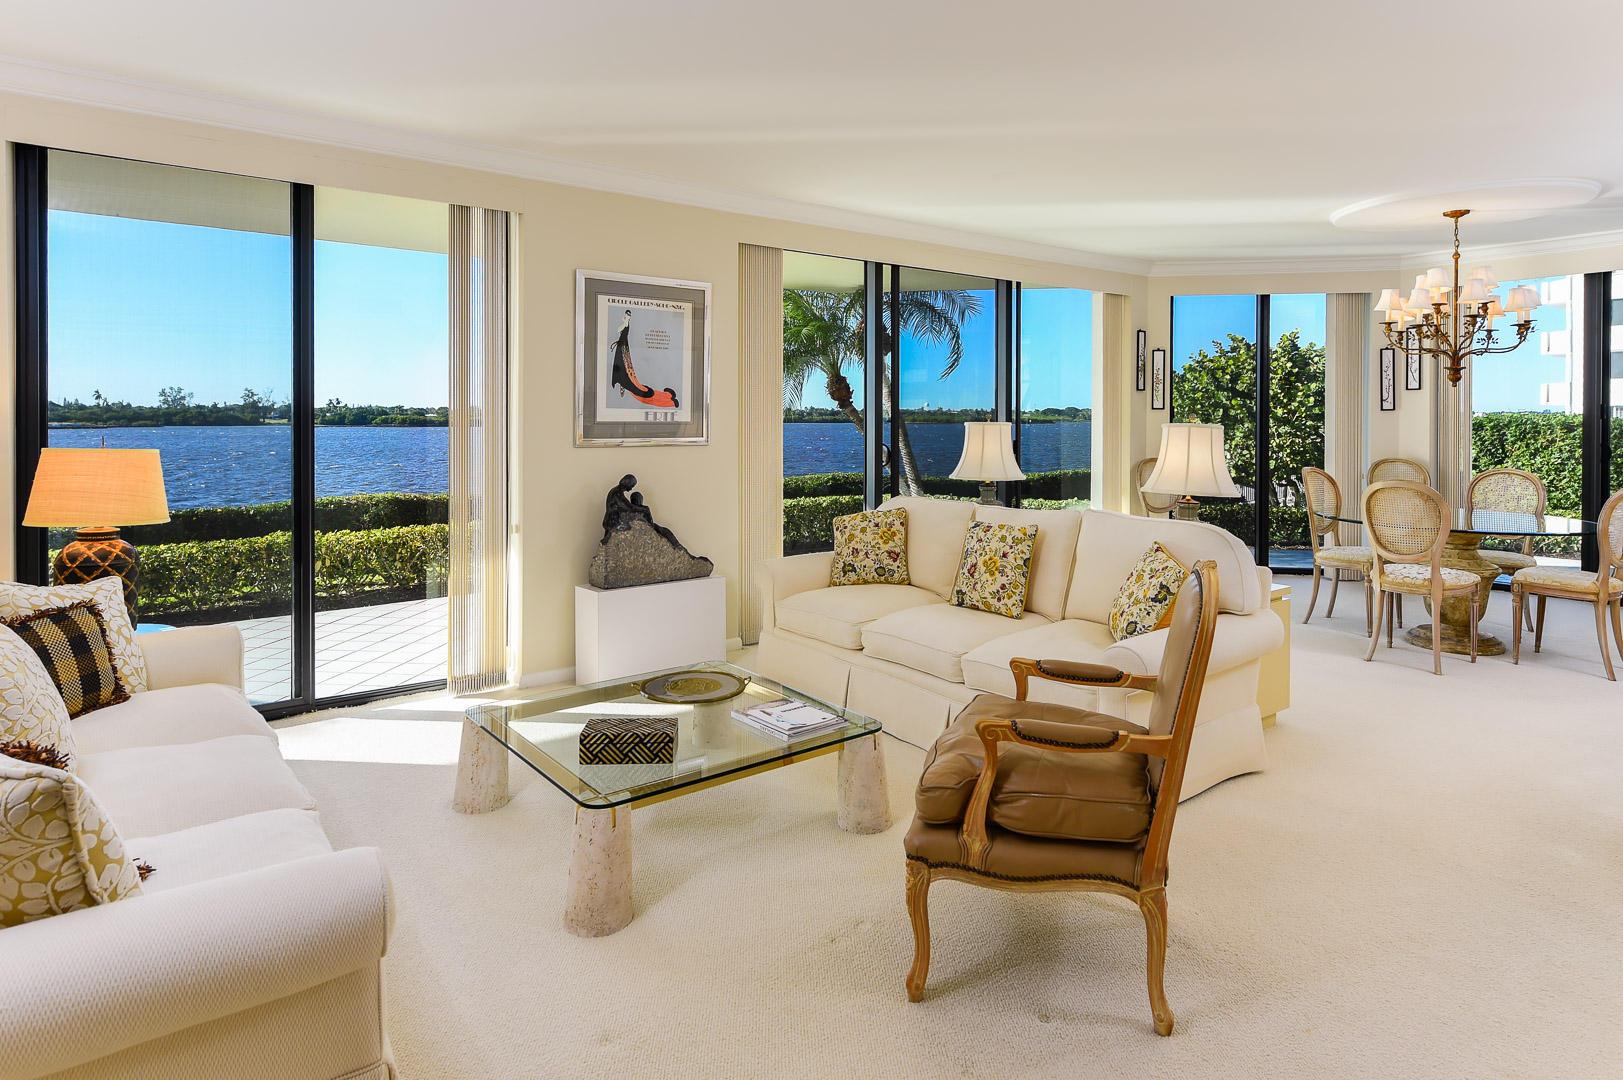 2778 S Ocean Blvd 108n, Palm Beach, FL 33480